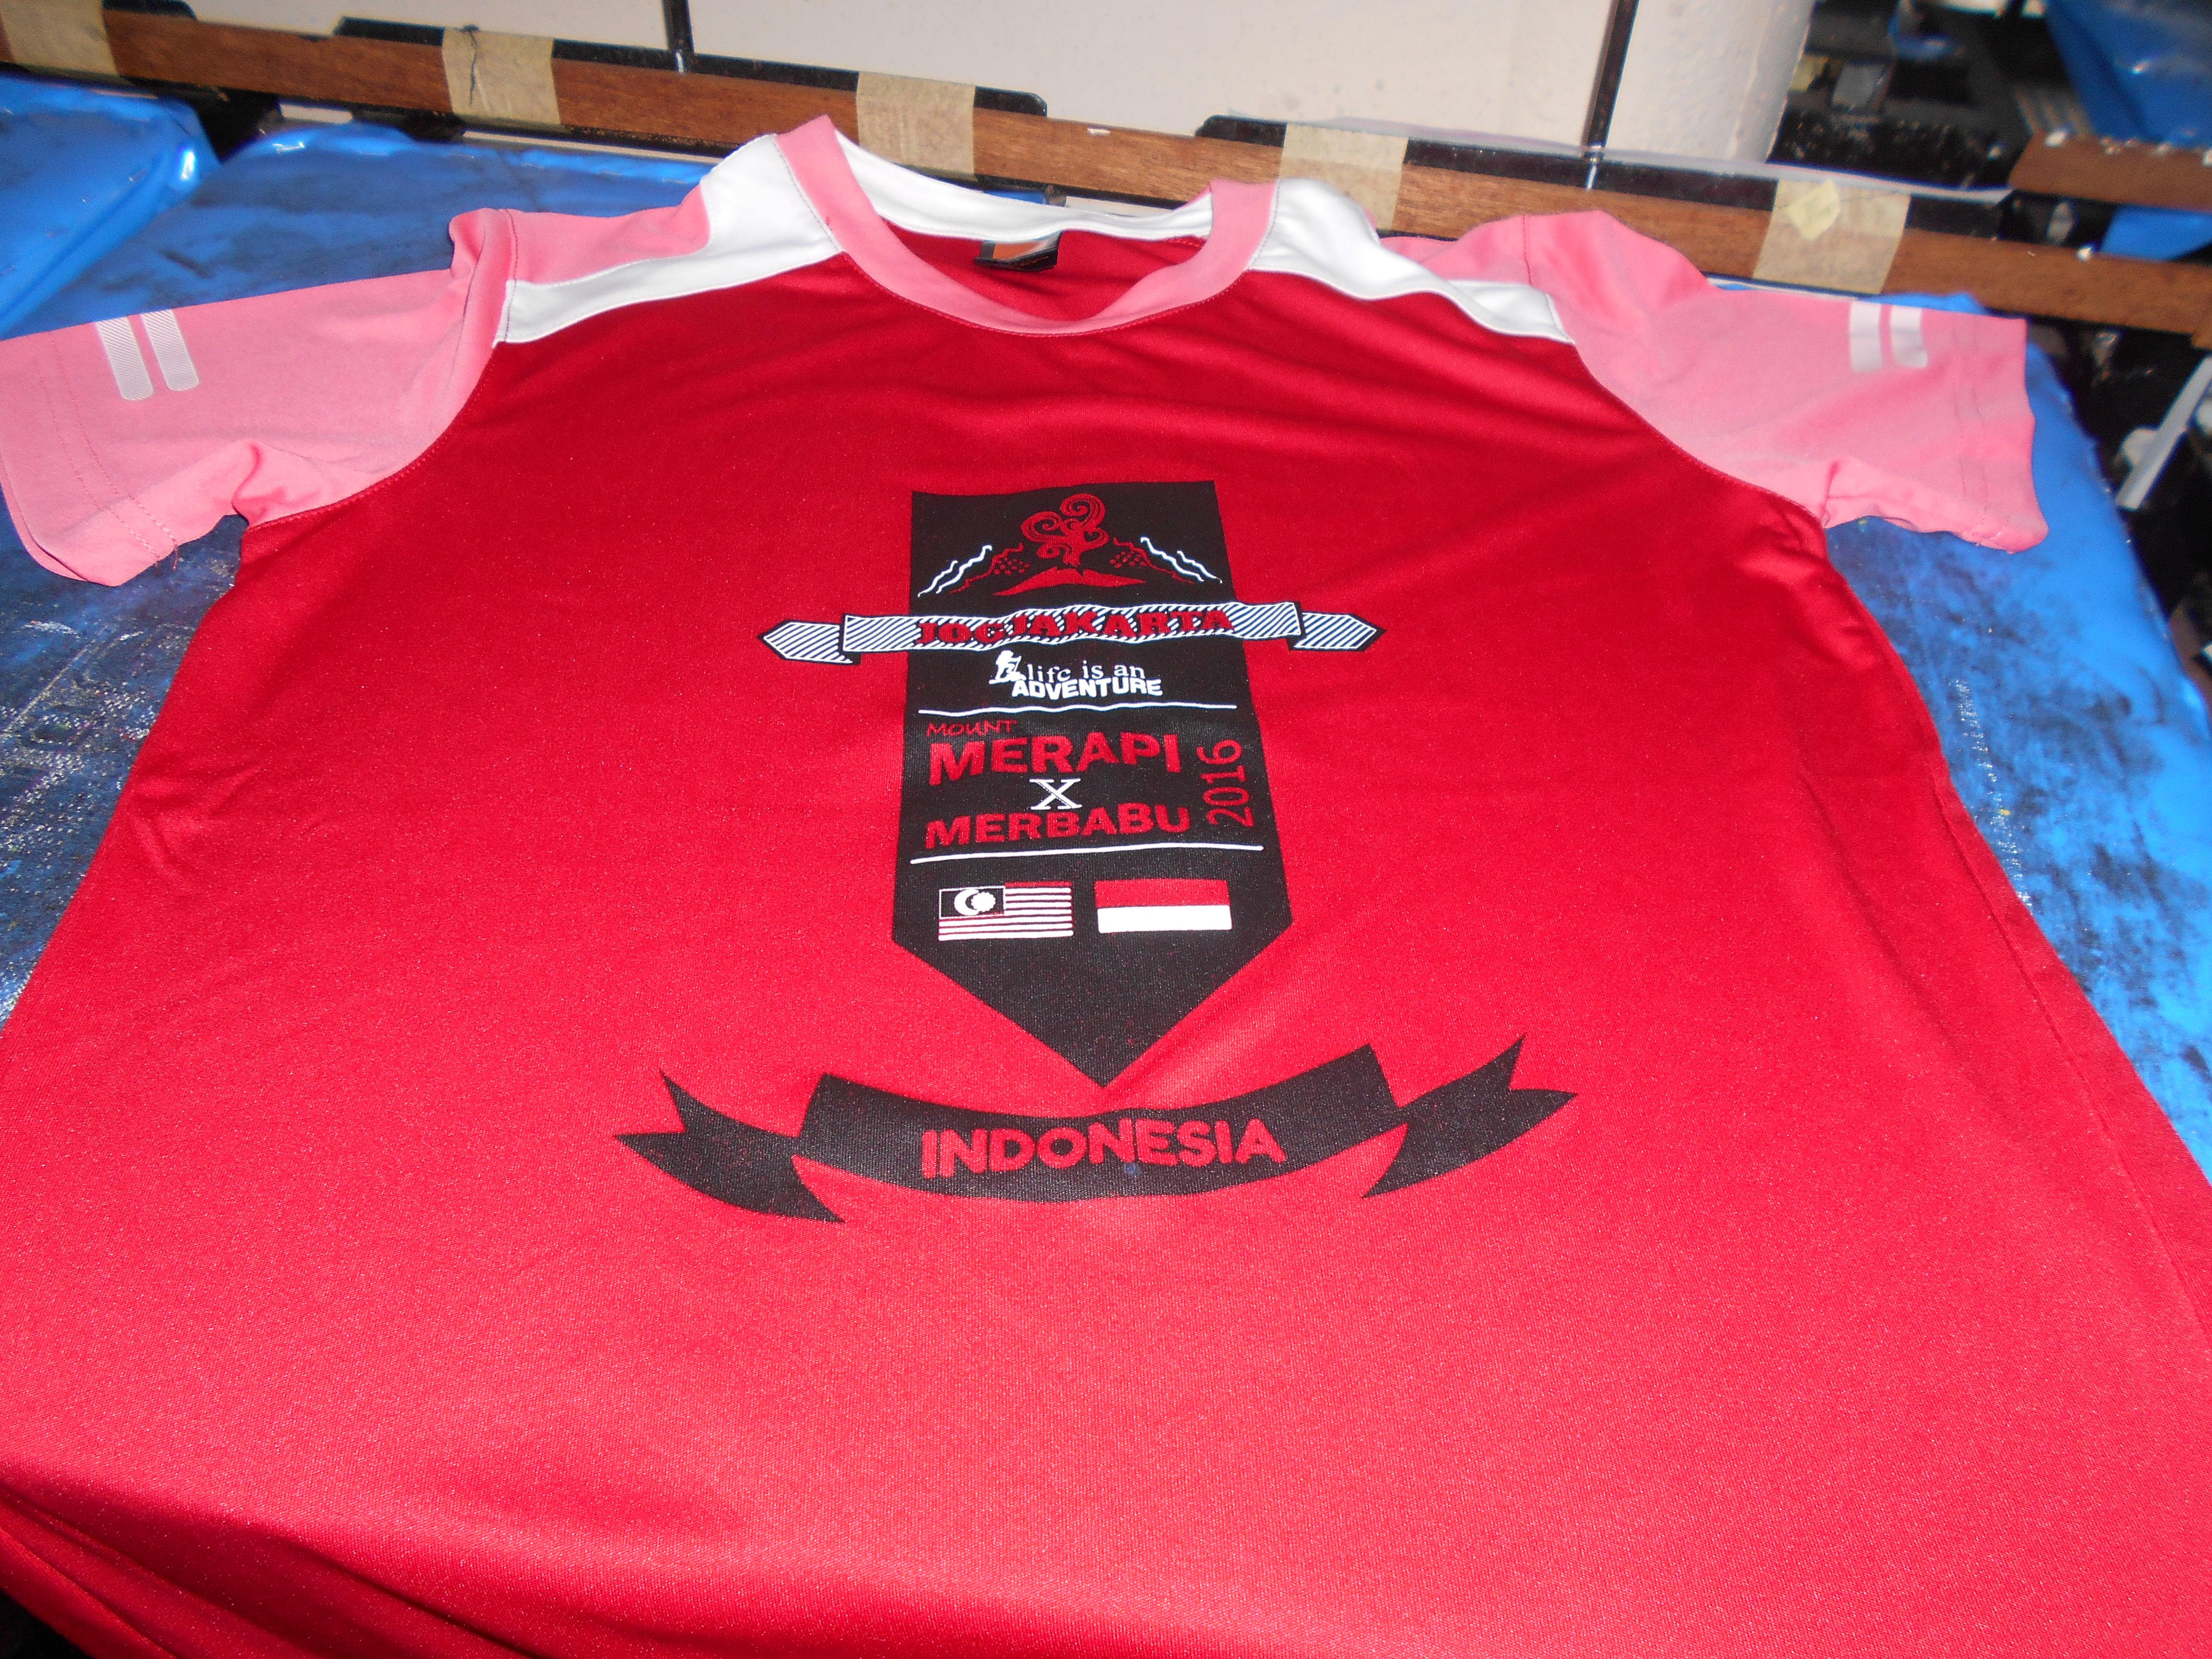 Black t shirt tambah lagi - Cetak Baju